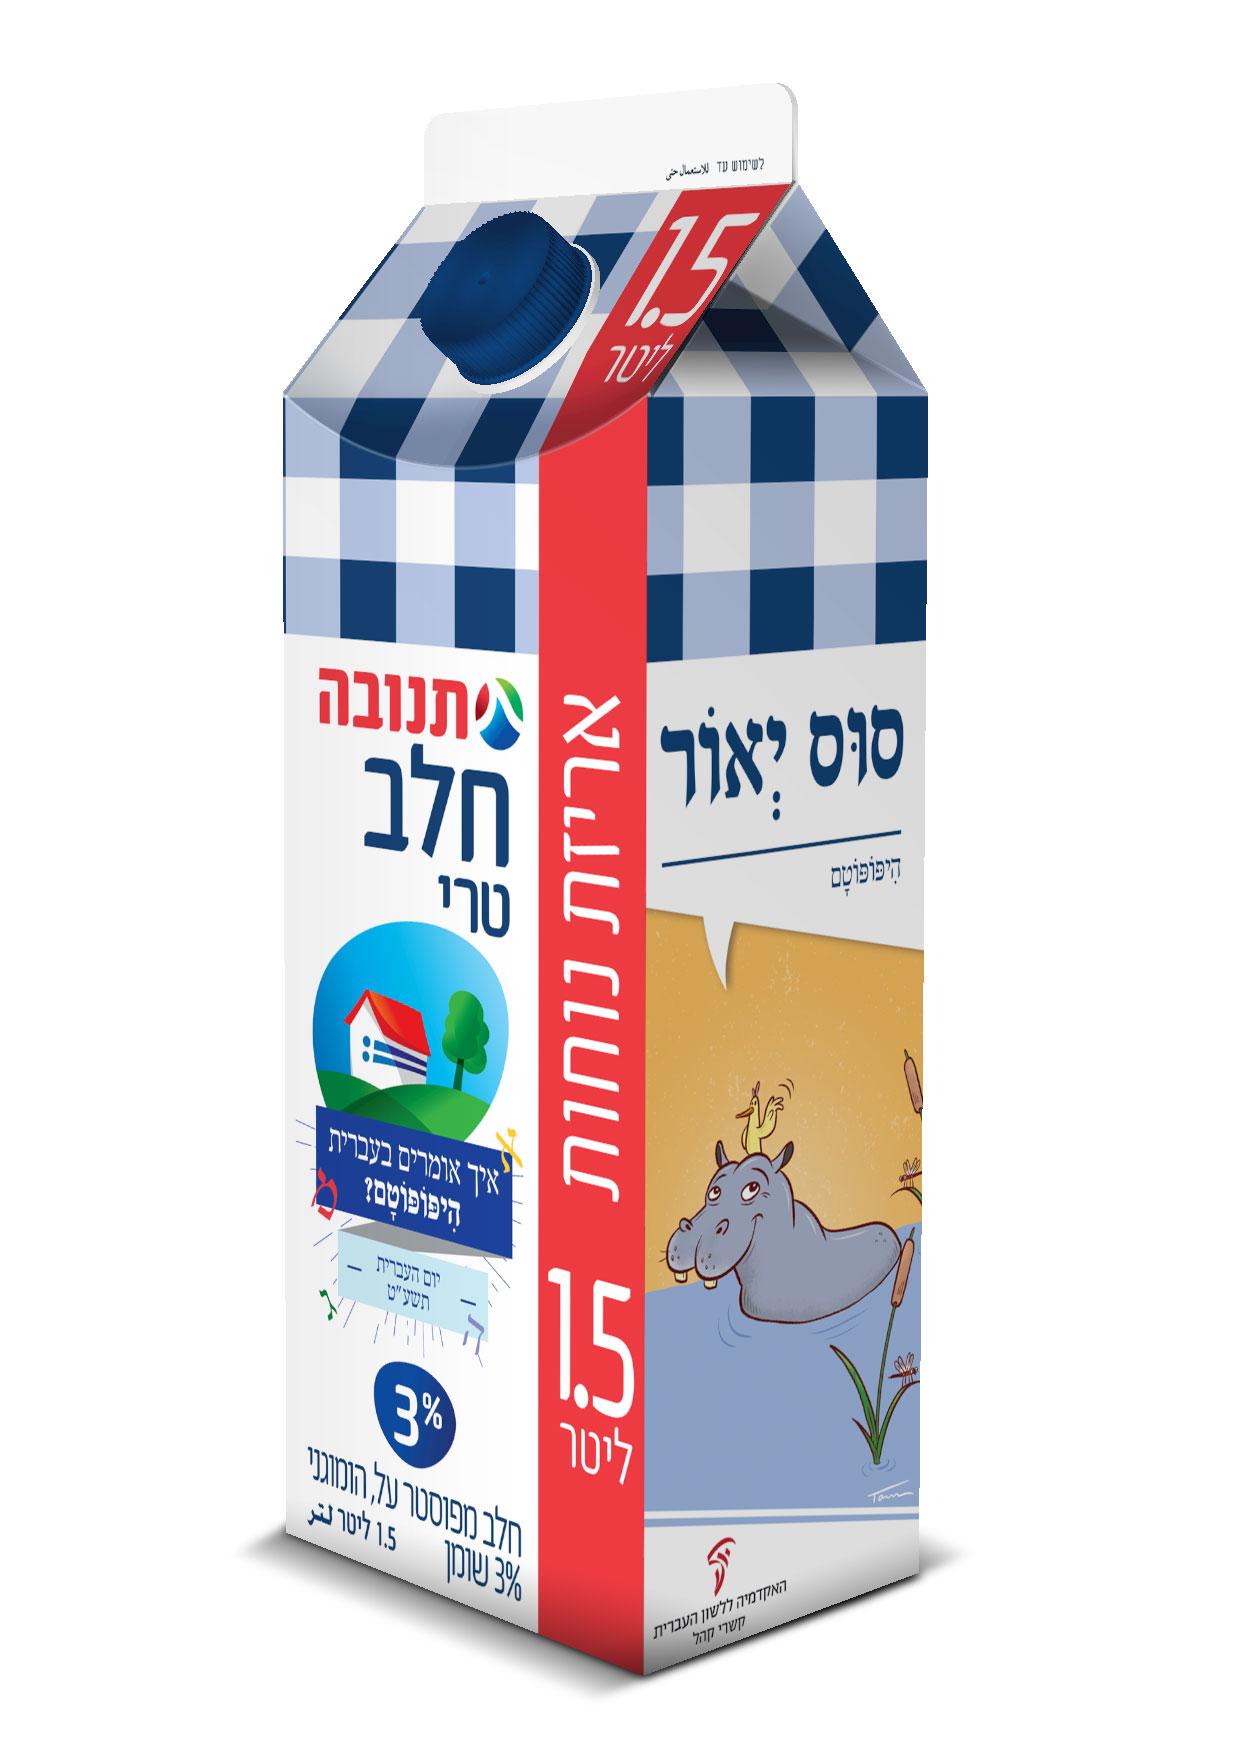 """צילום קרטון חלב יום העברית תשע""""ט - איור מילה """"סוס יאור"""""""